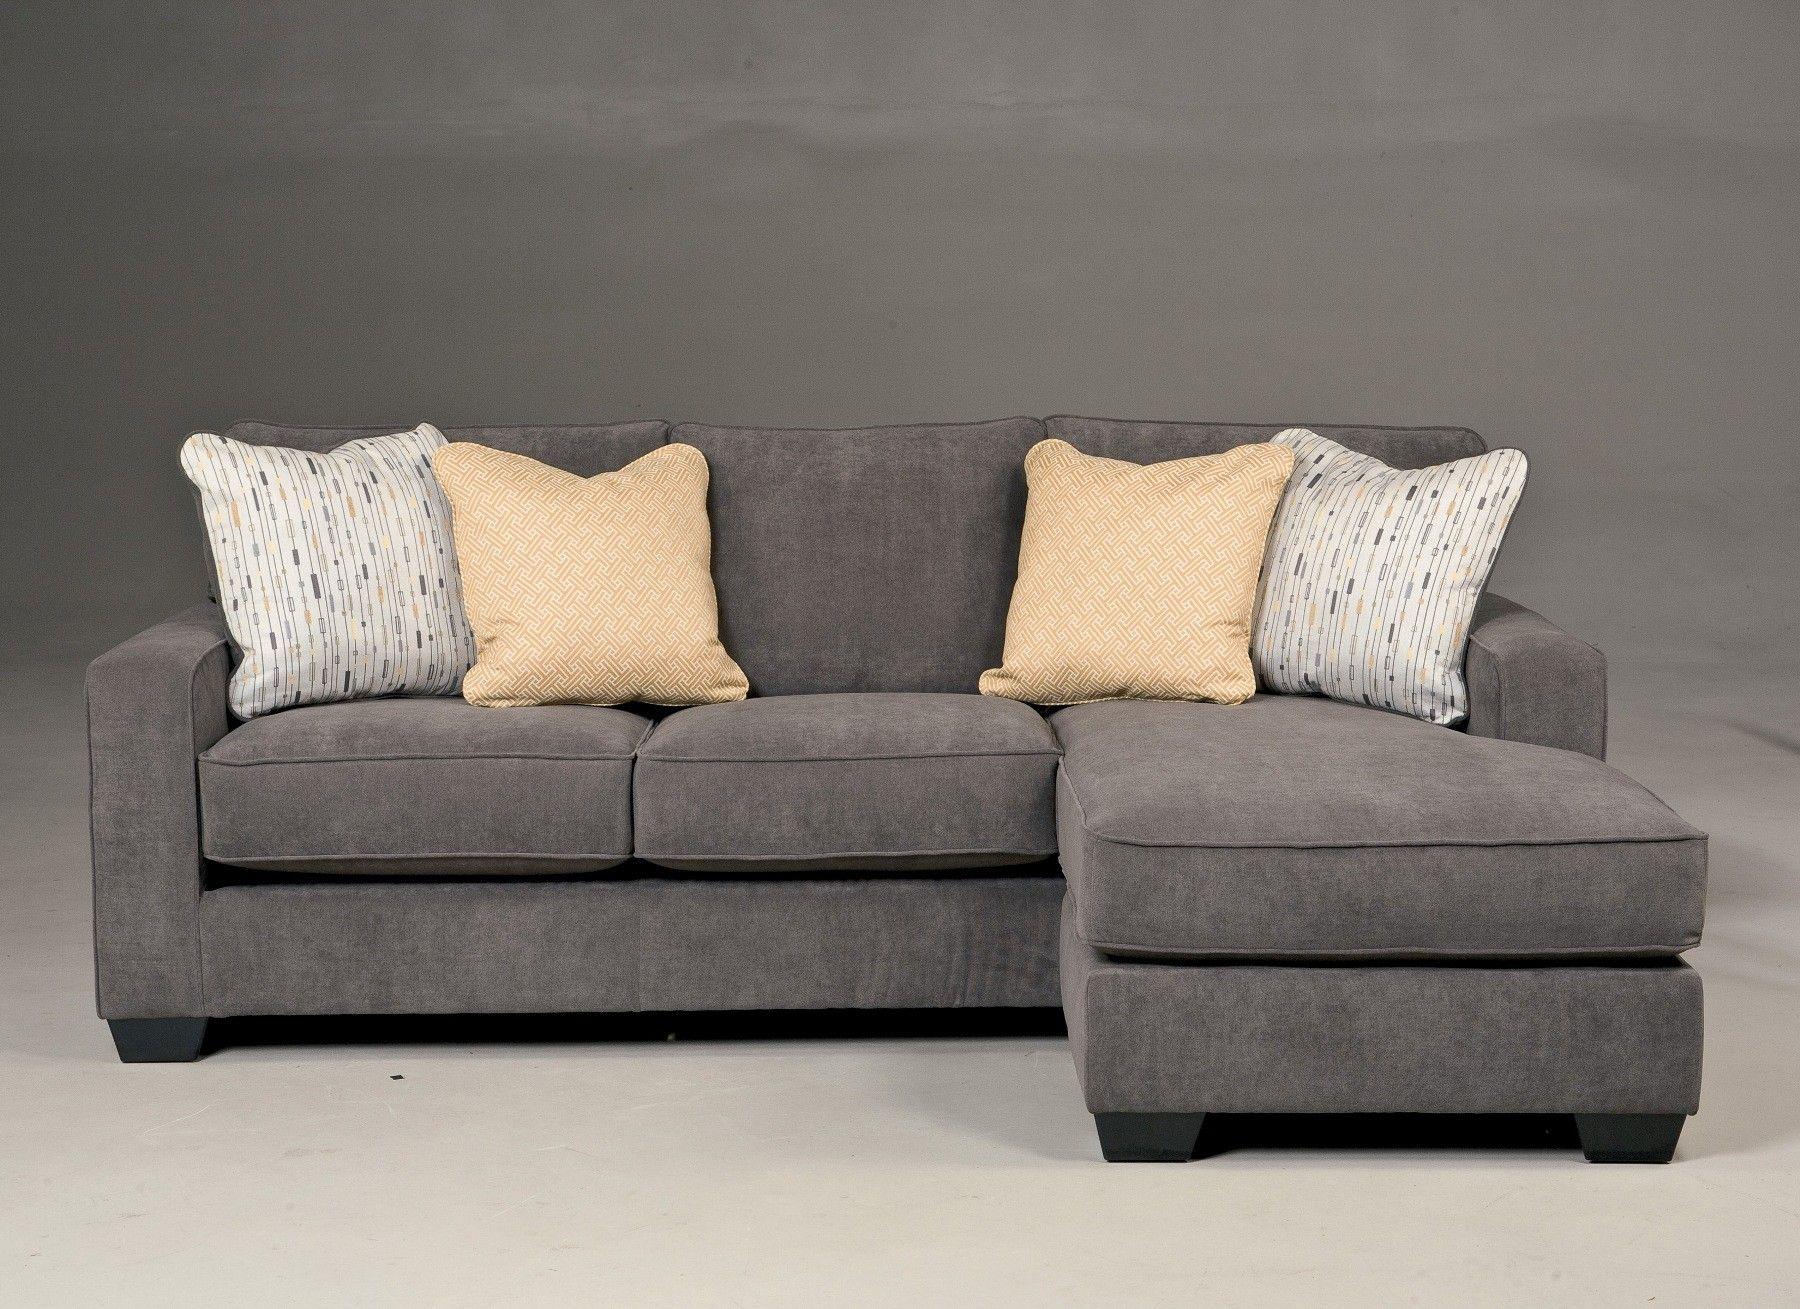 719 Ashley Hodan Marble Sofa With Chaise Good Fabric Good